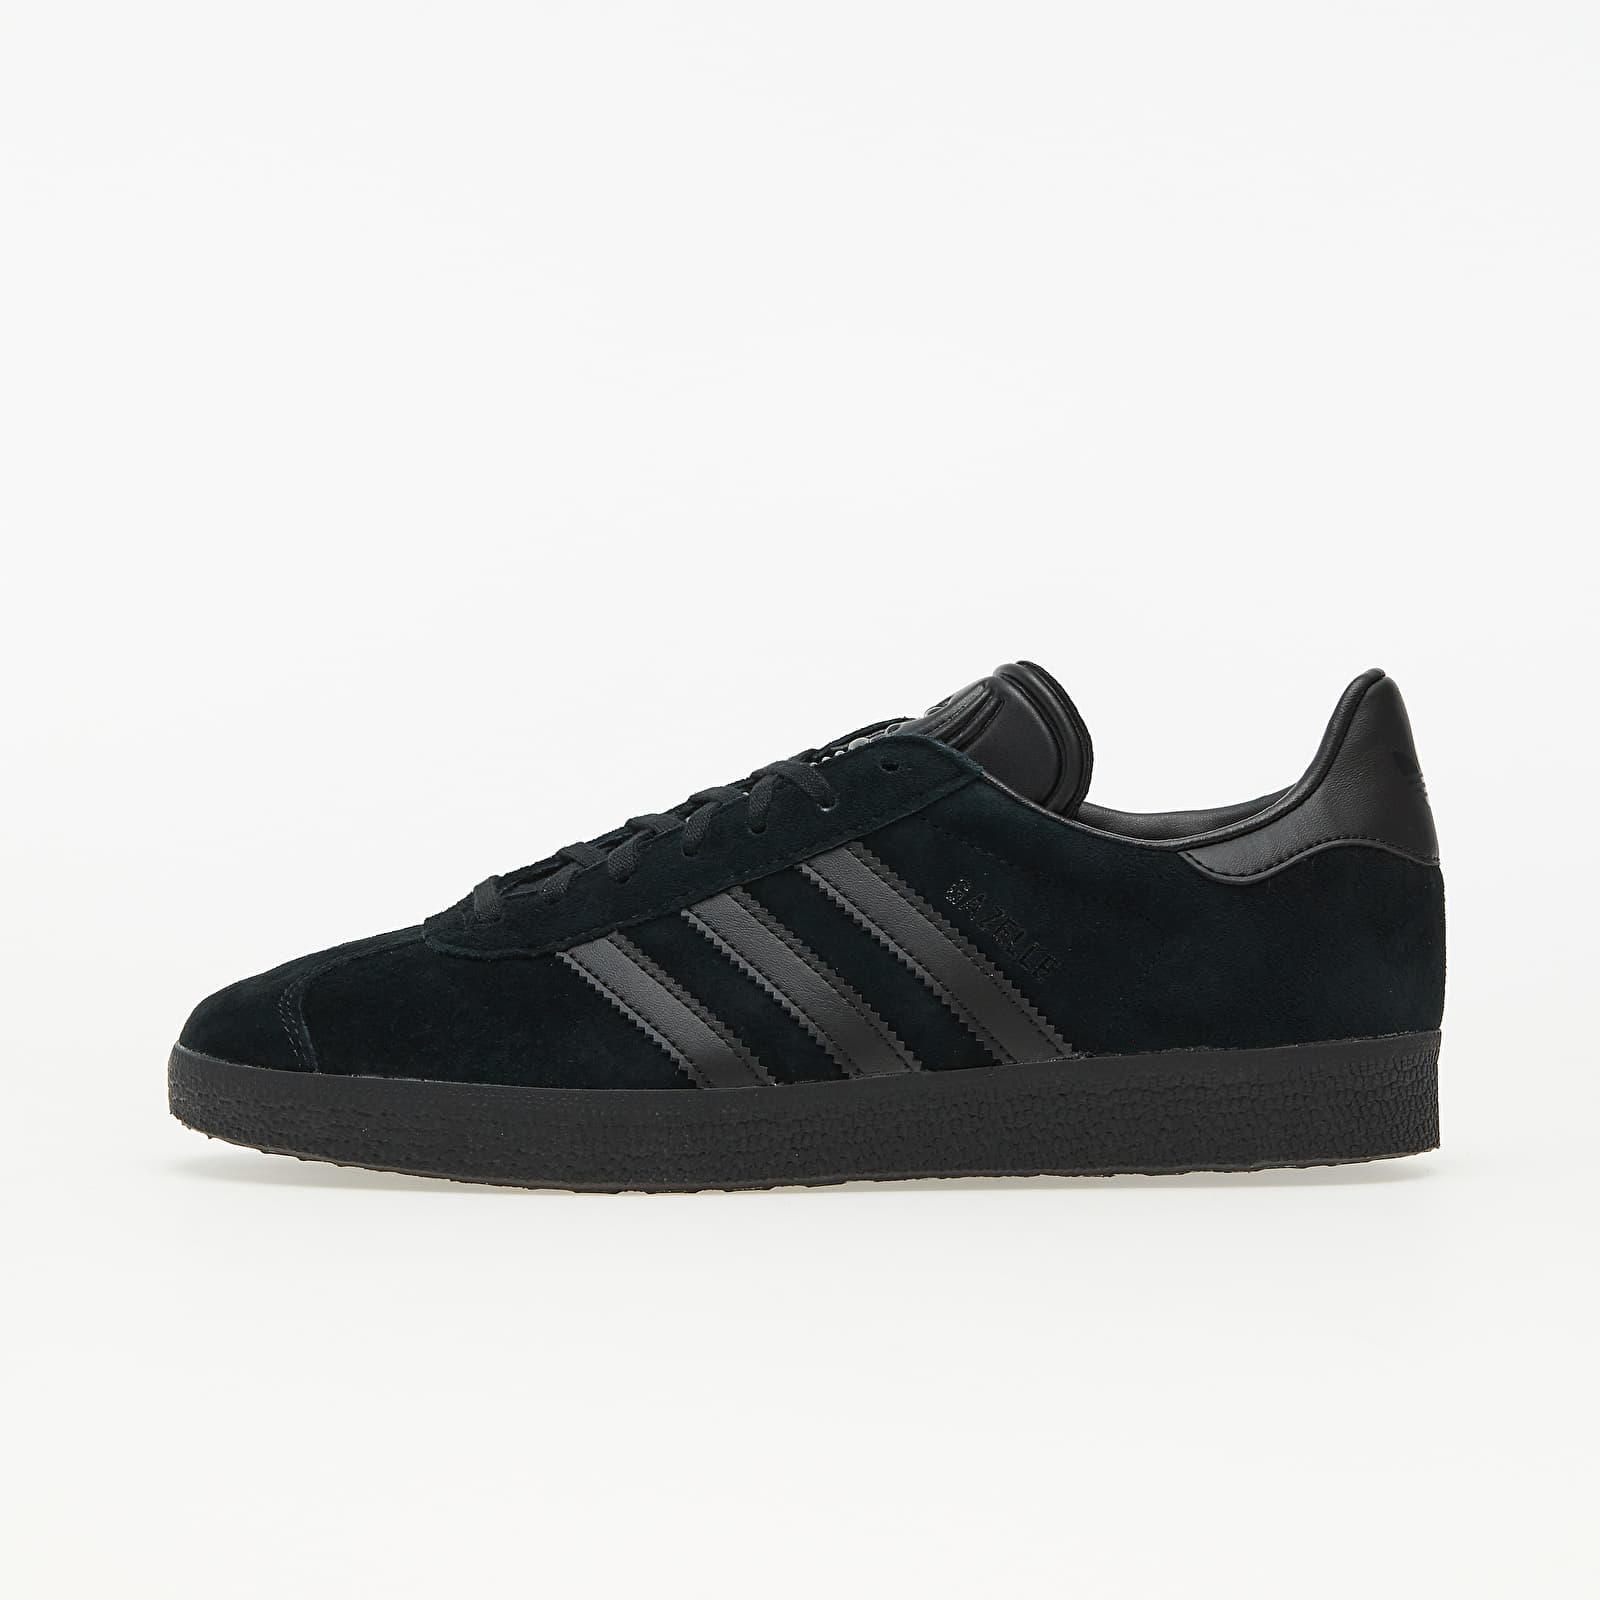 adidas Gazelle Core Black/ Core Black/ Core Black EUR 42 2/3